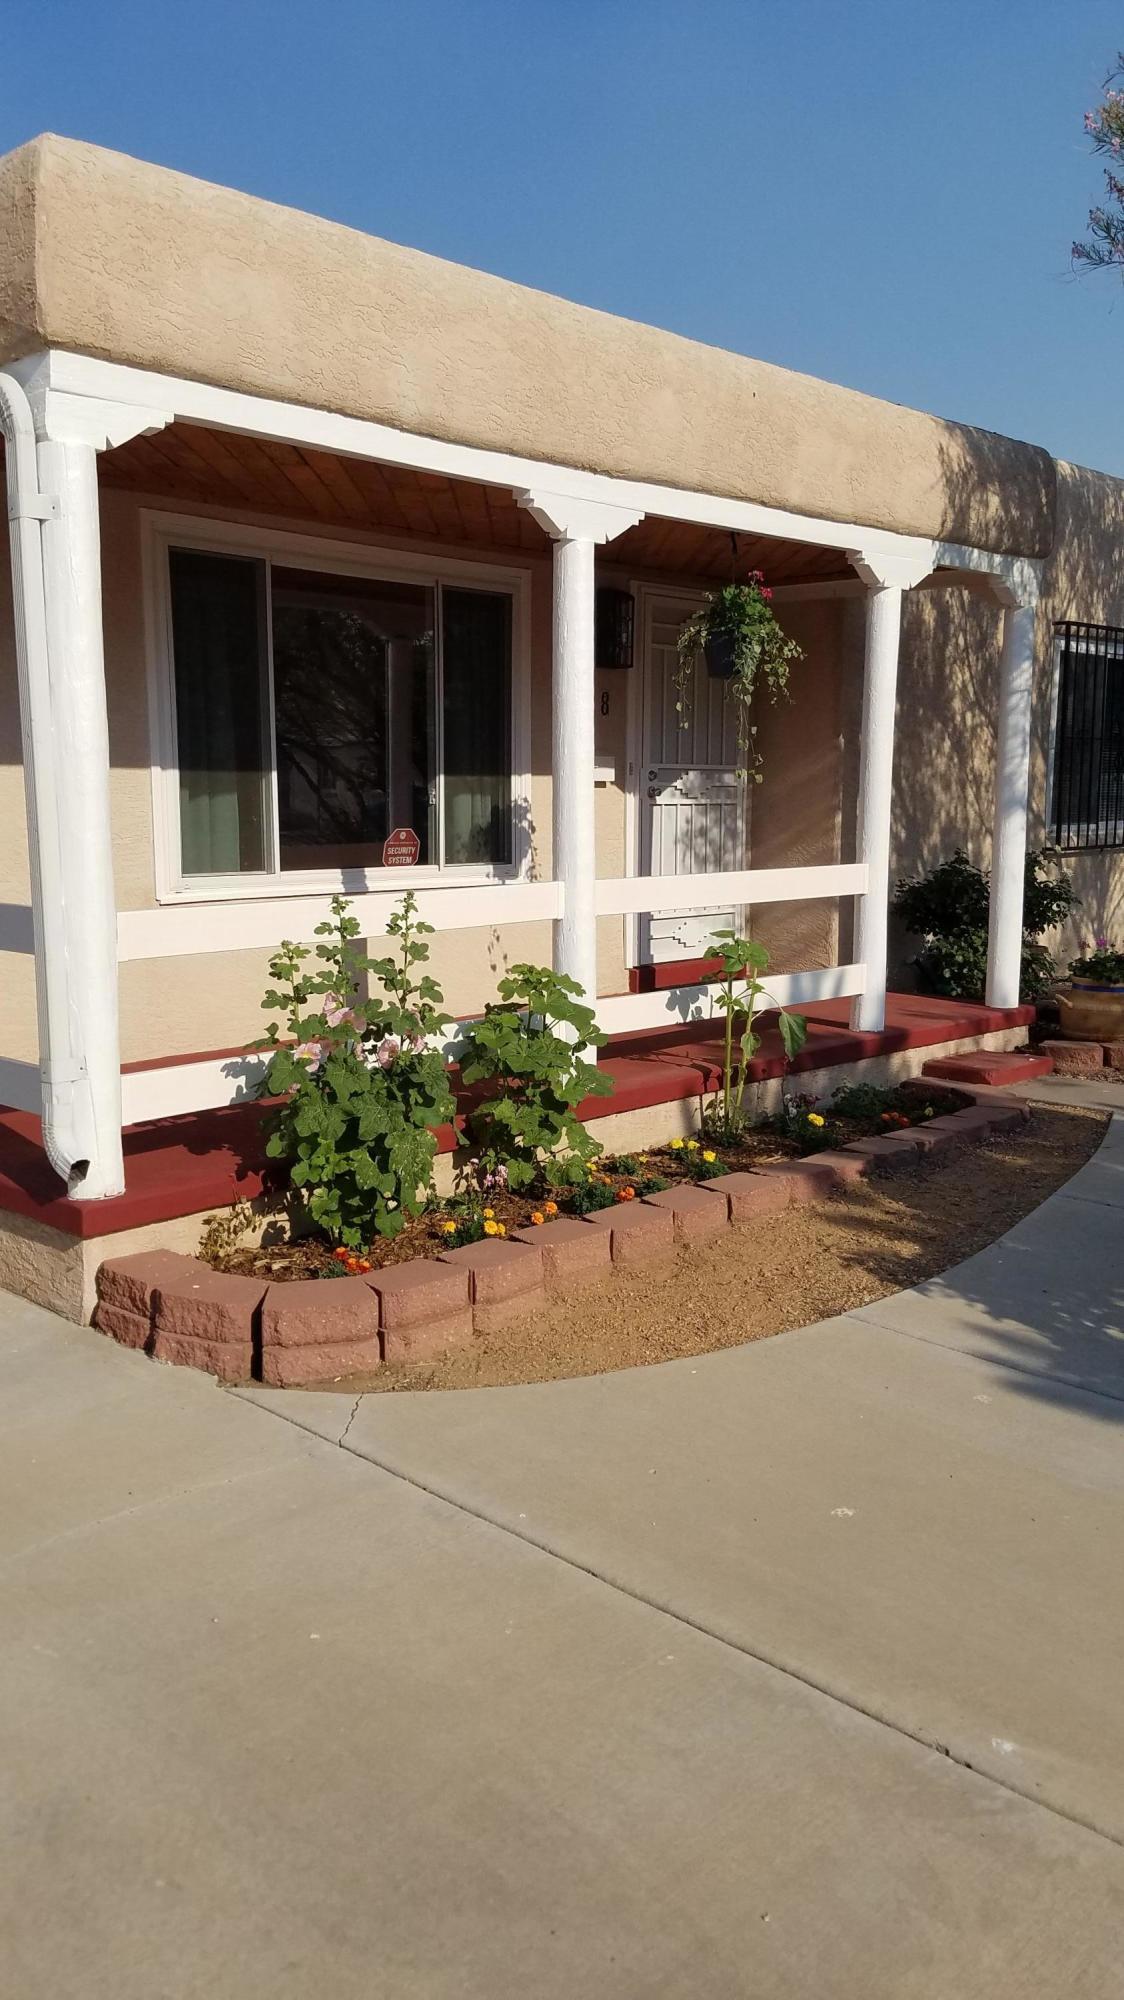 608 VASSAR Drive, Albuquerque NM 87106